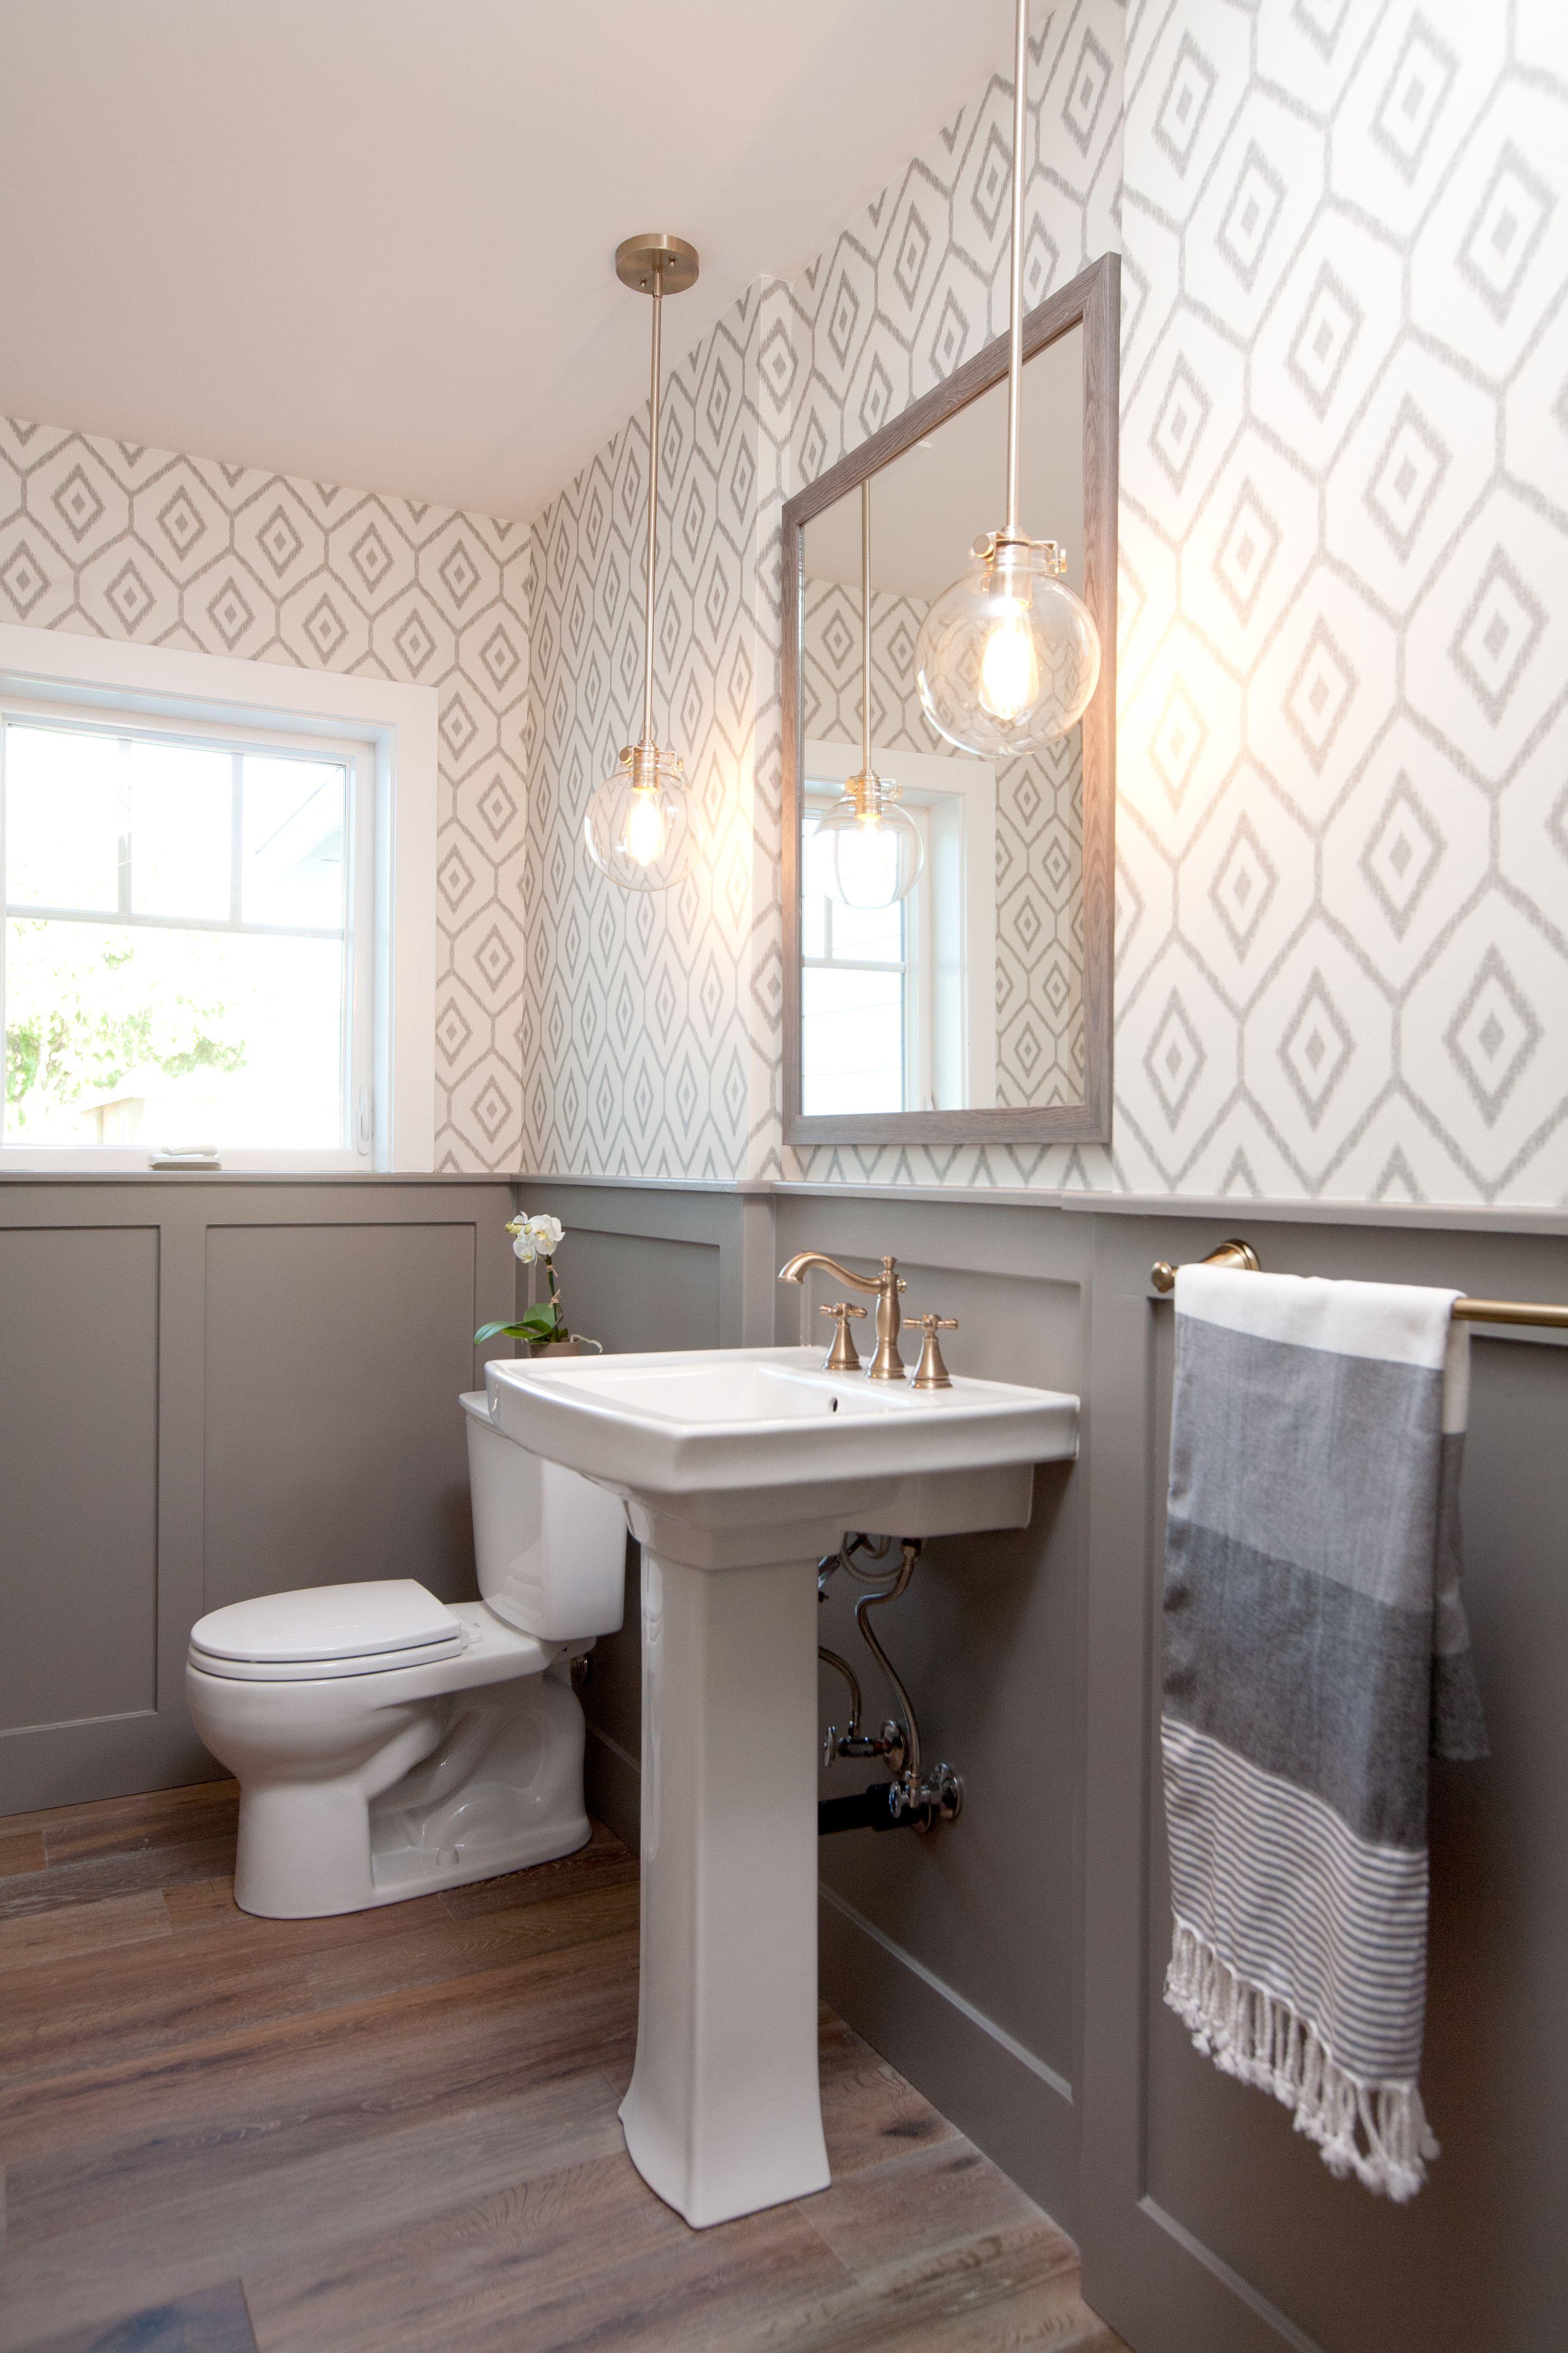 Salonfliesen für die wand  beautiful half bathroom ideas for your home  interior design